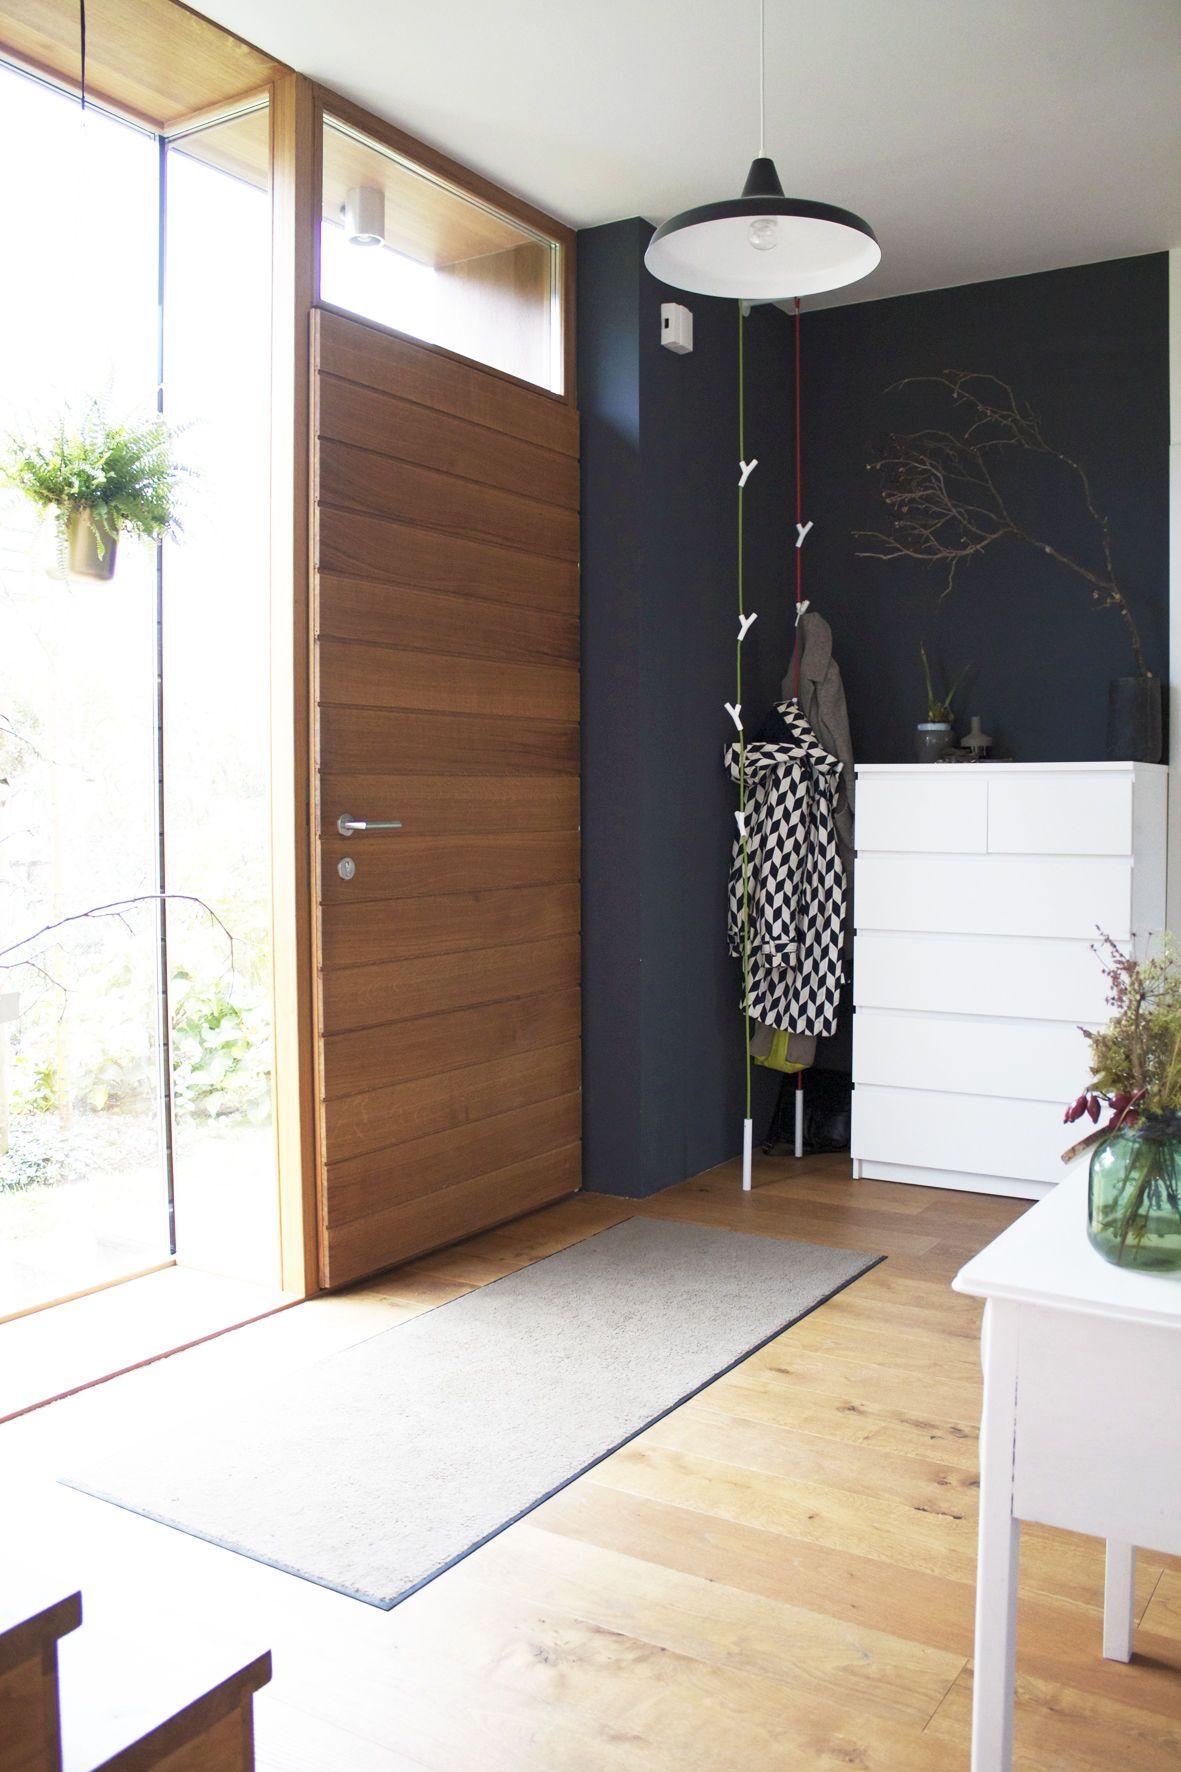 Innenarchitektur Flur Garderoben Galerie Von Garderoben. Eingangs-flur - The Dark Side